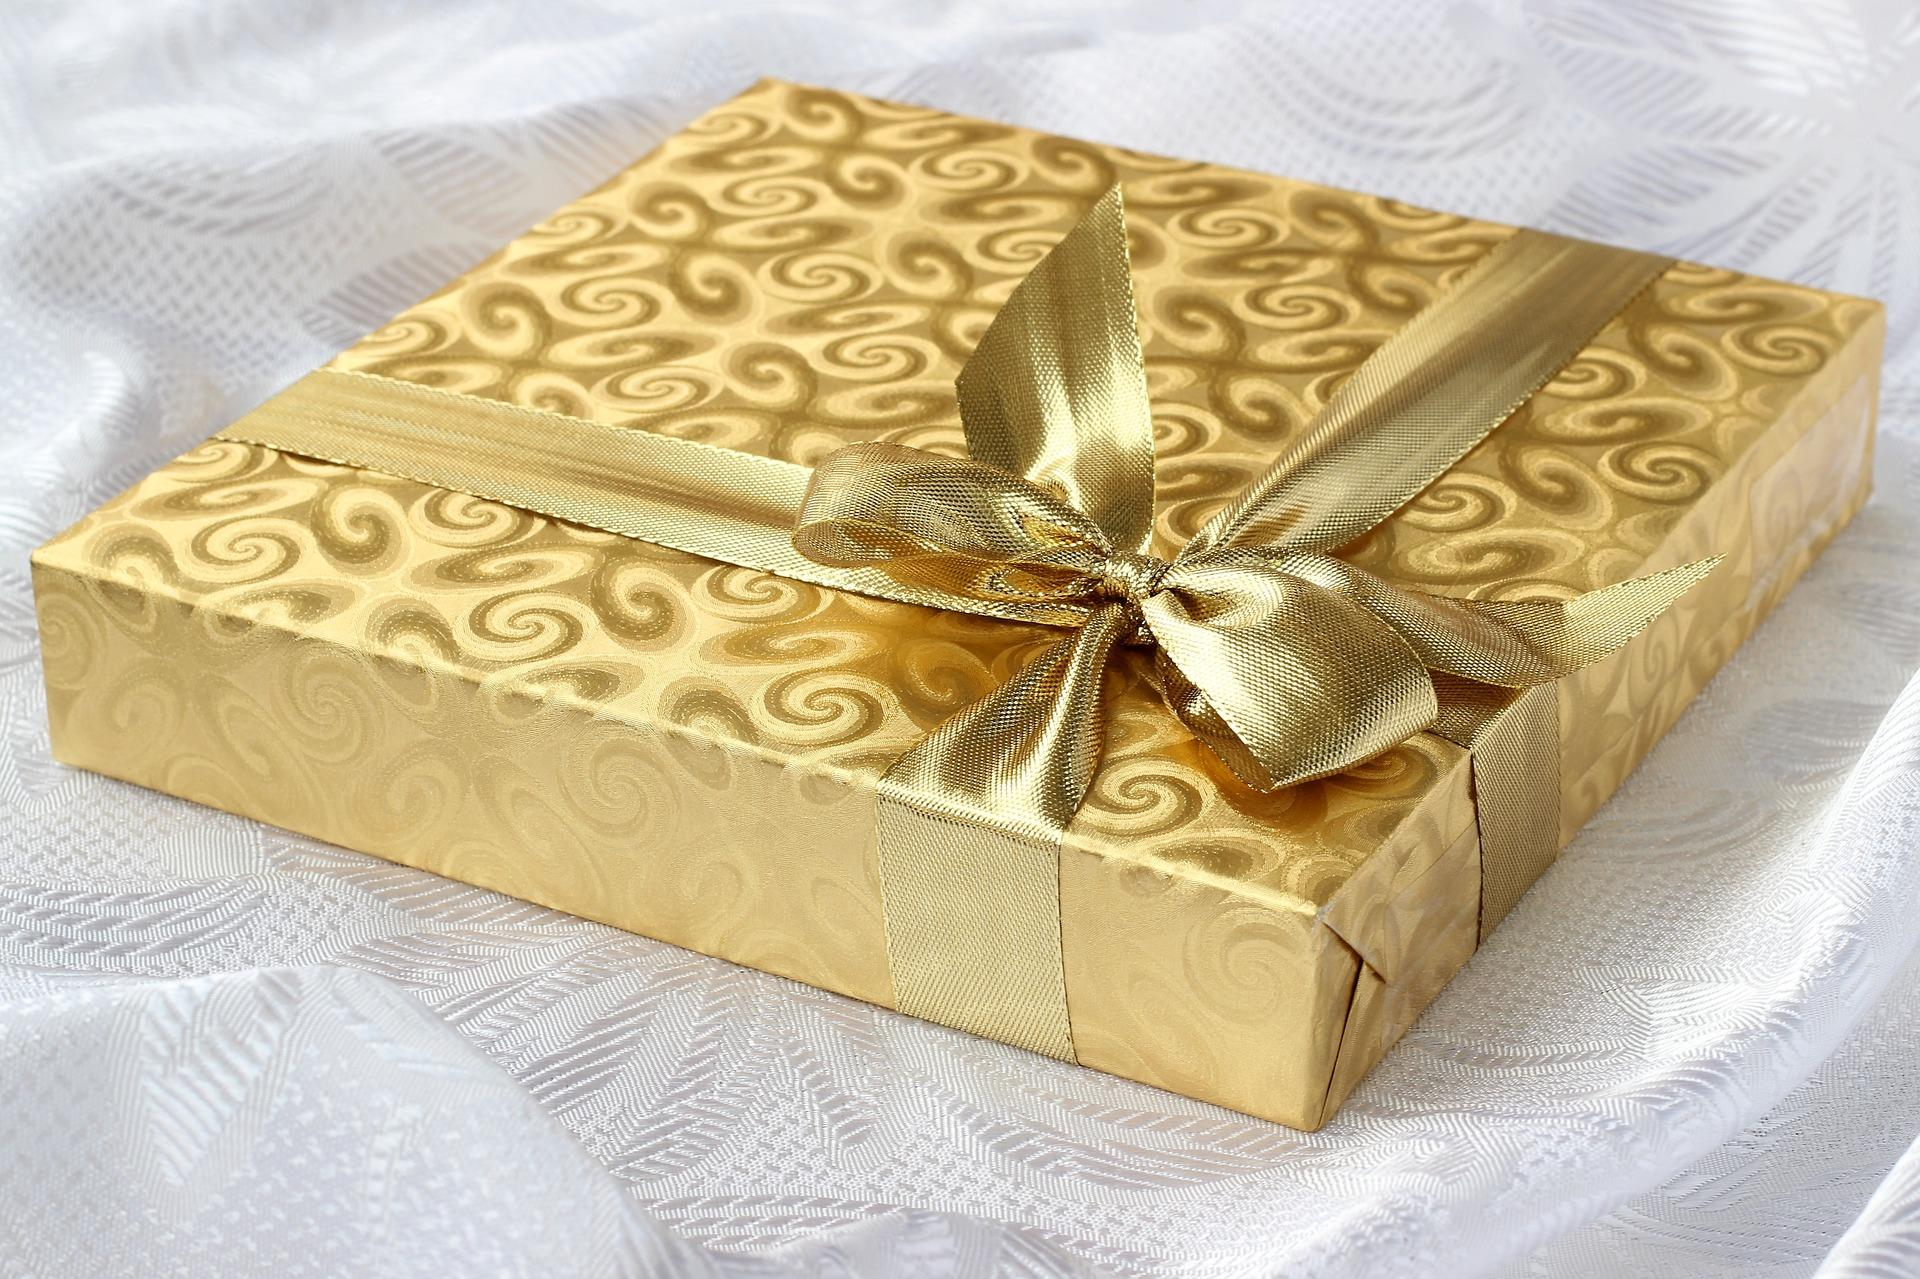 Выбираем подарки для любимых на14 февраля. Унас 5 идей